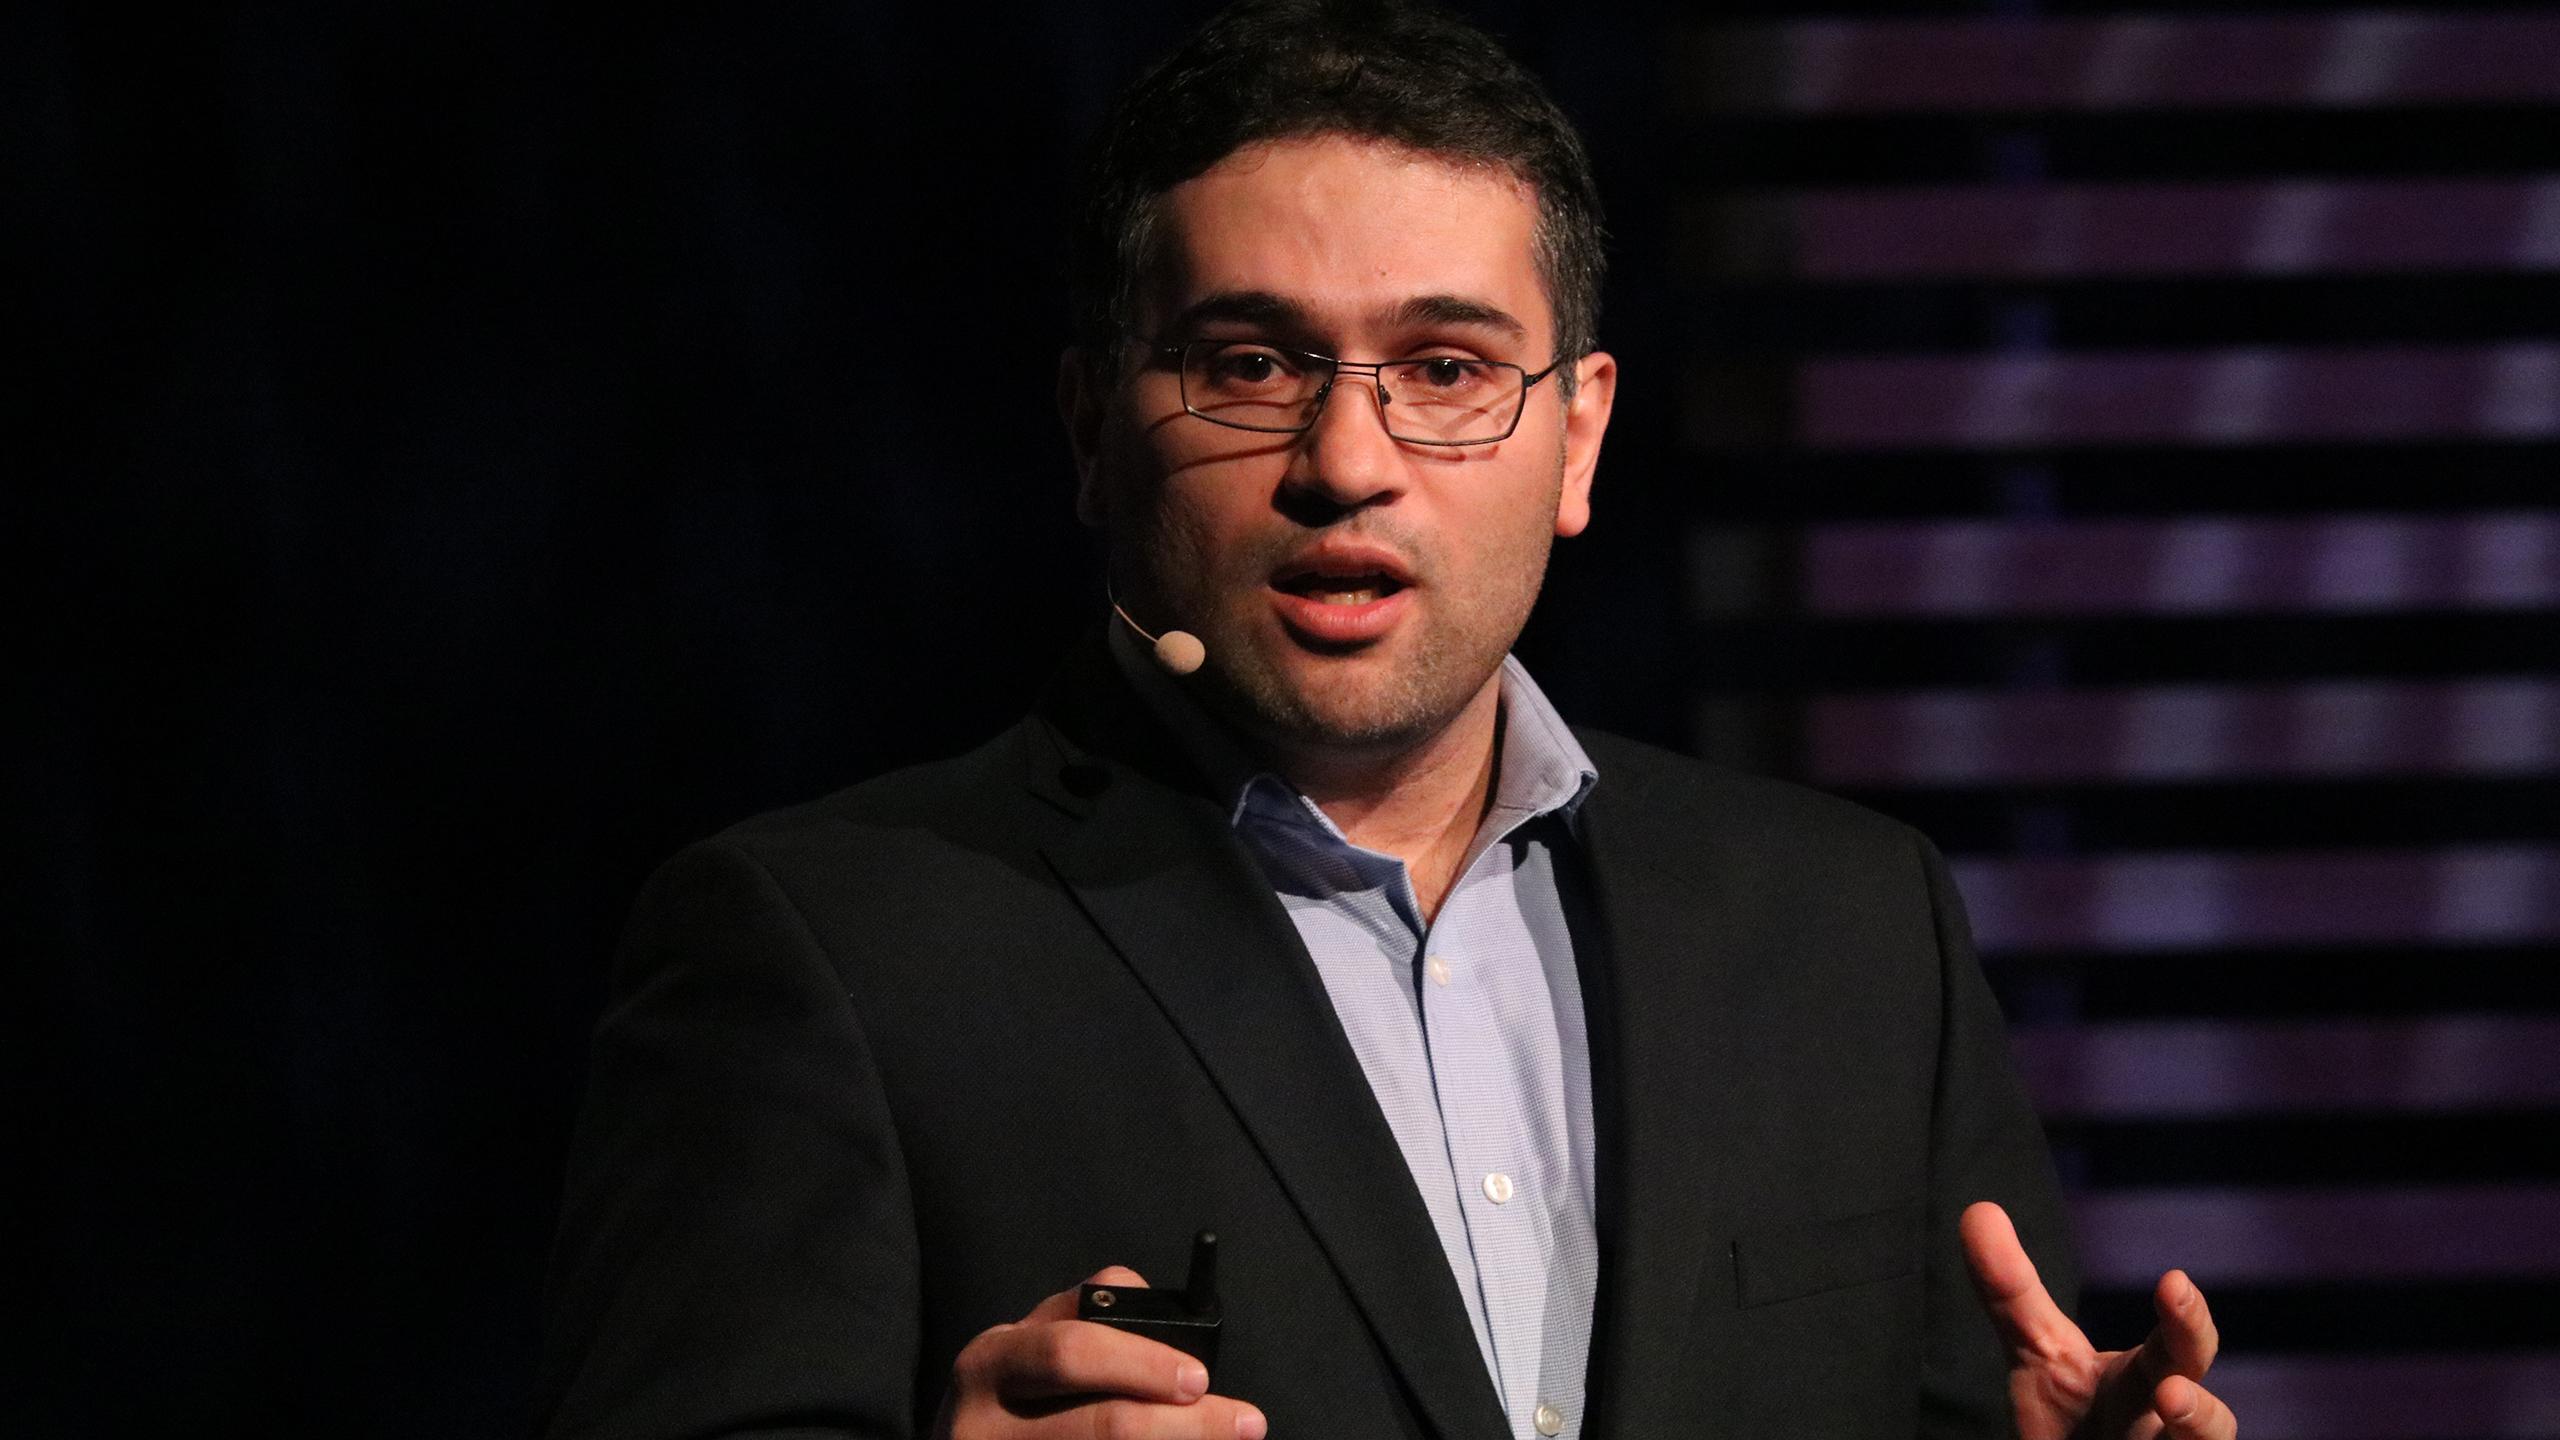 Ebrahim Bagheri speaks on a stage.